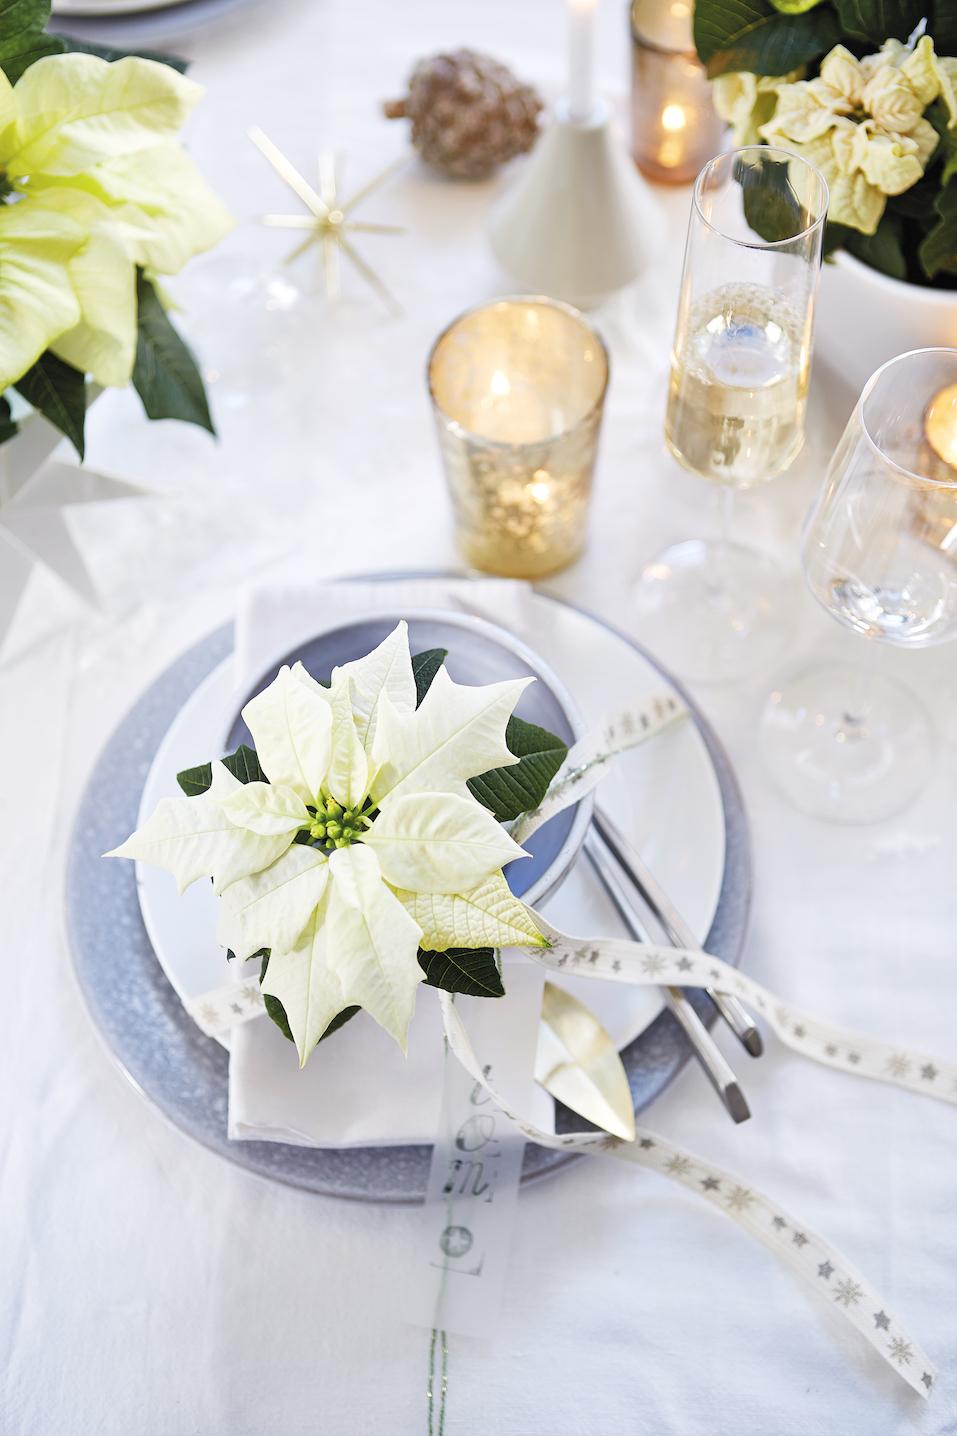 Ein Vielseitiger Tischgenosse Festliche Tischdekorationen Mit